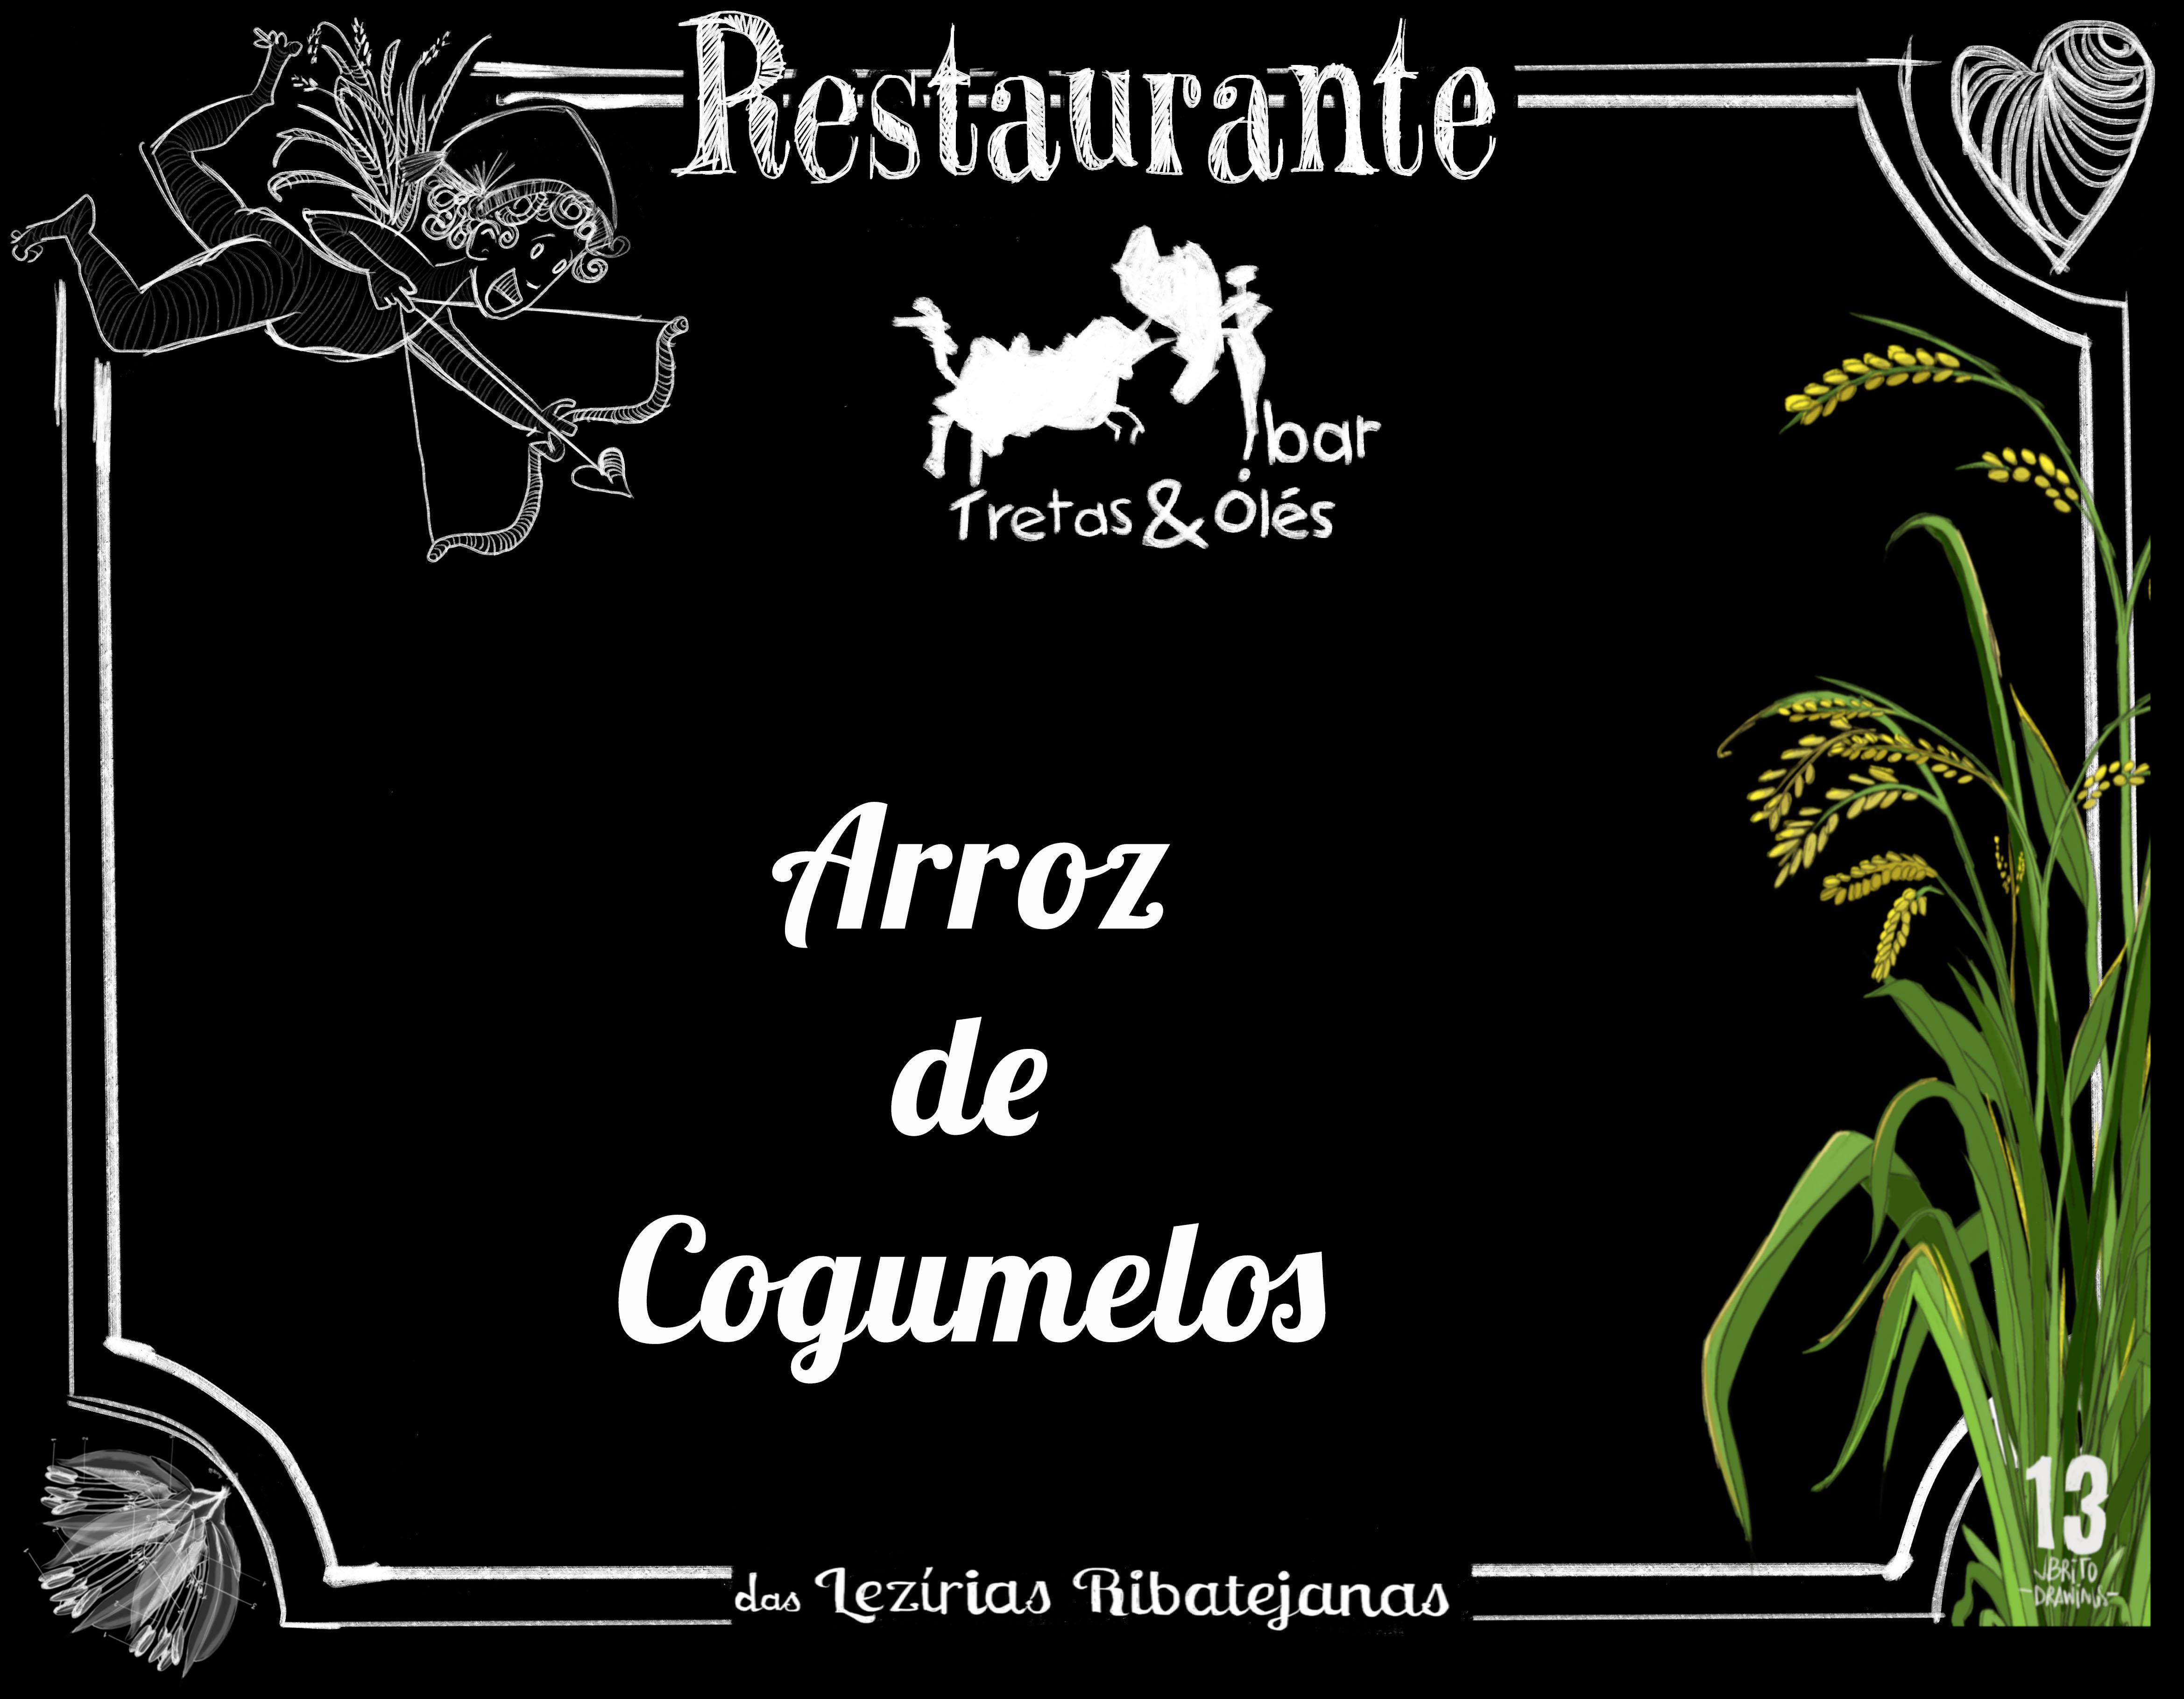 Restaurante Tretas e Olés